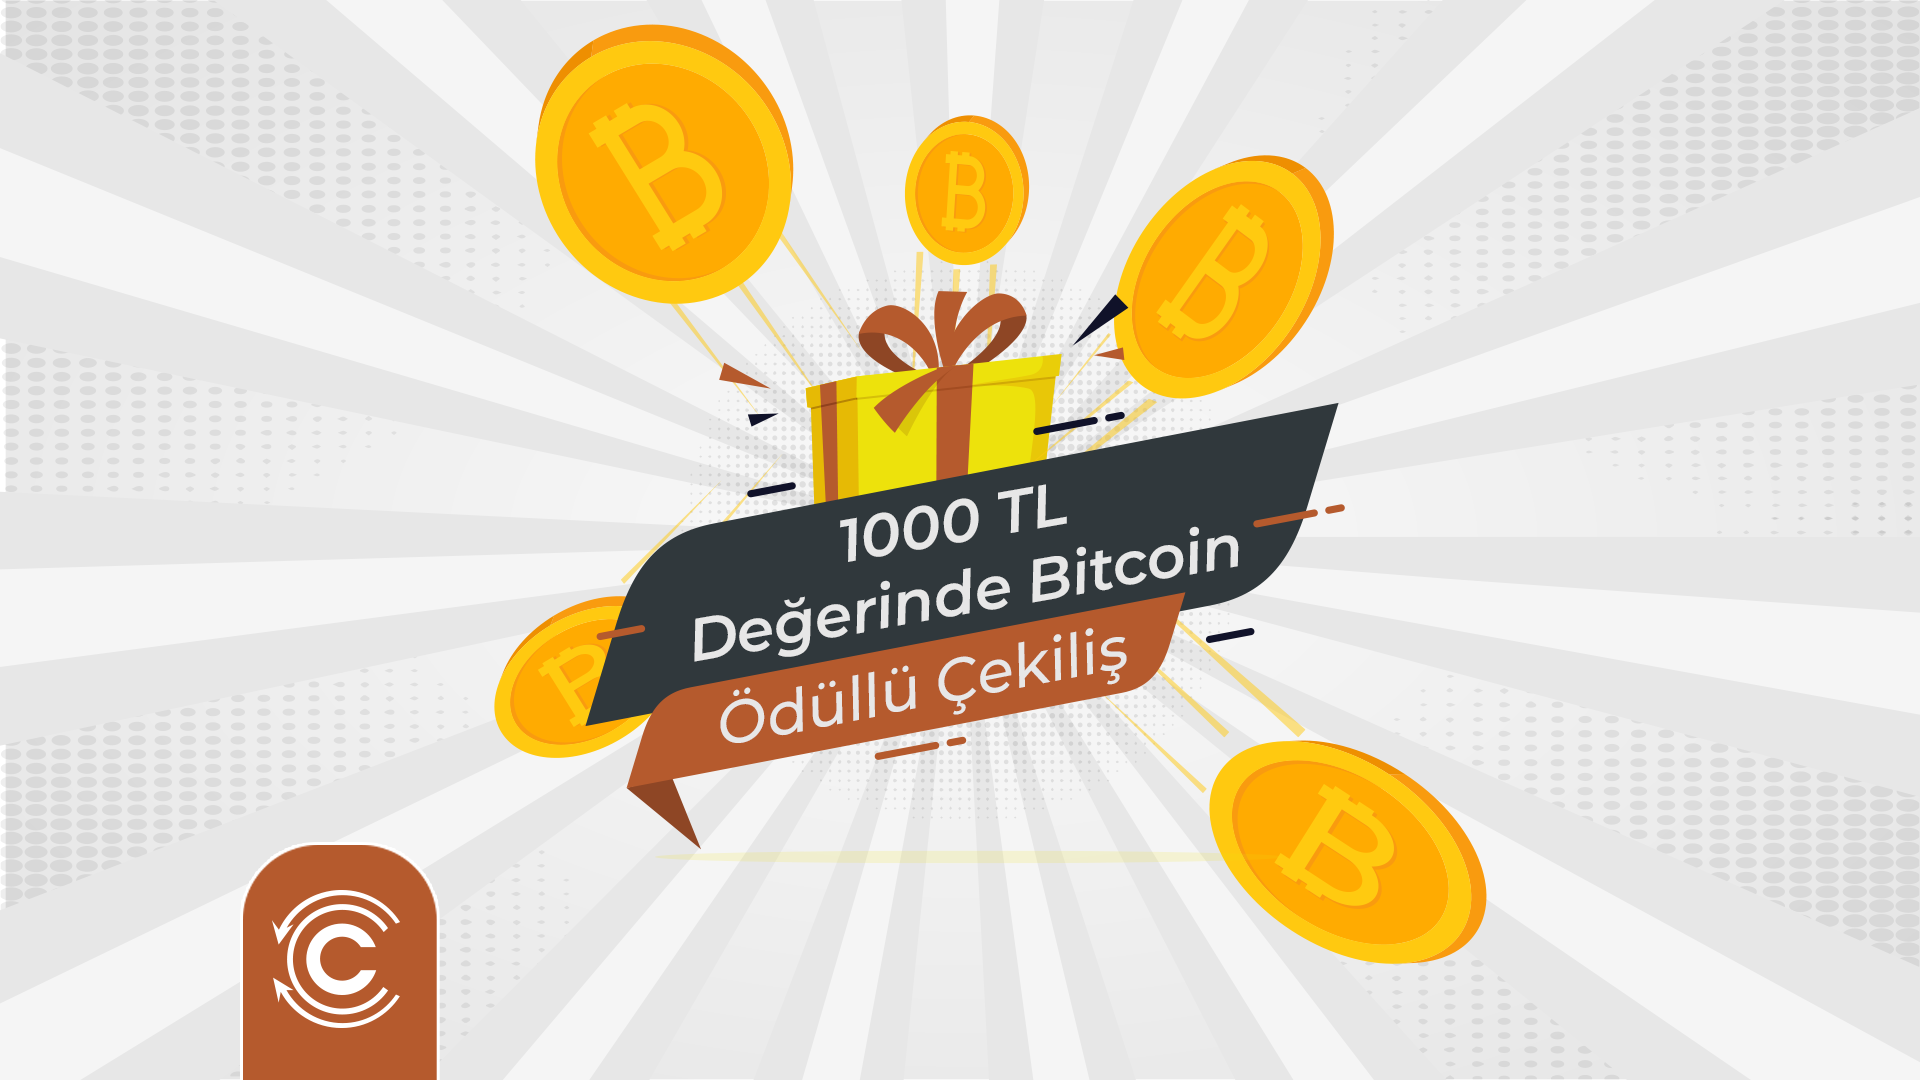 1000 tl değerinde bitcoin ödüllü çekiliş